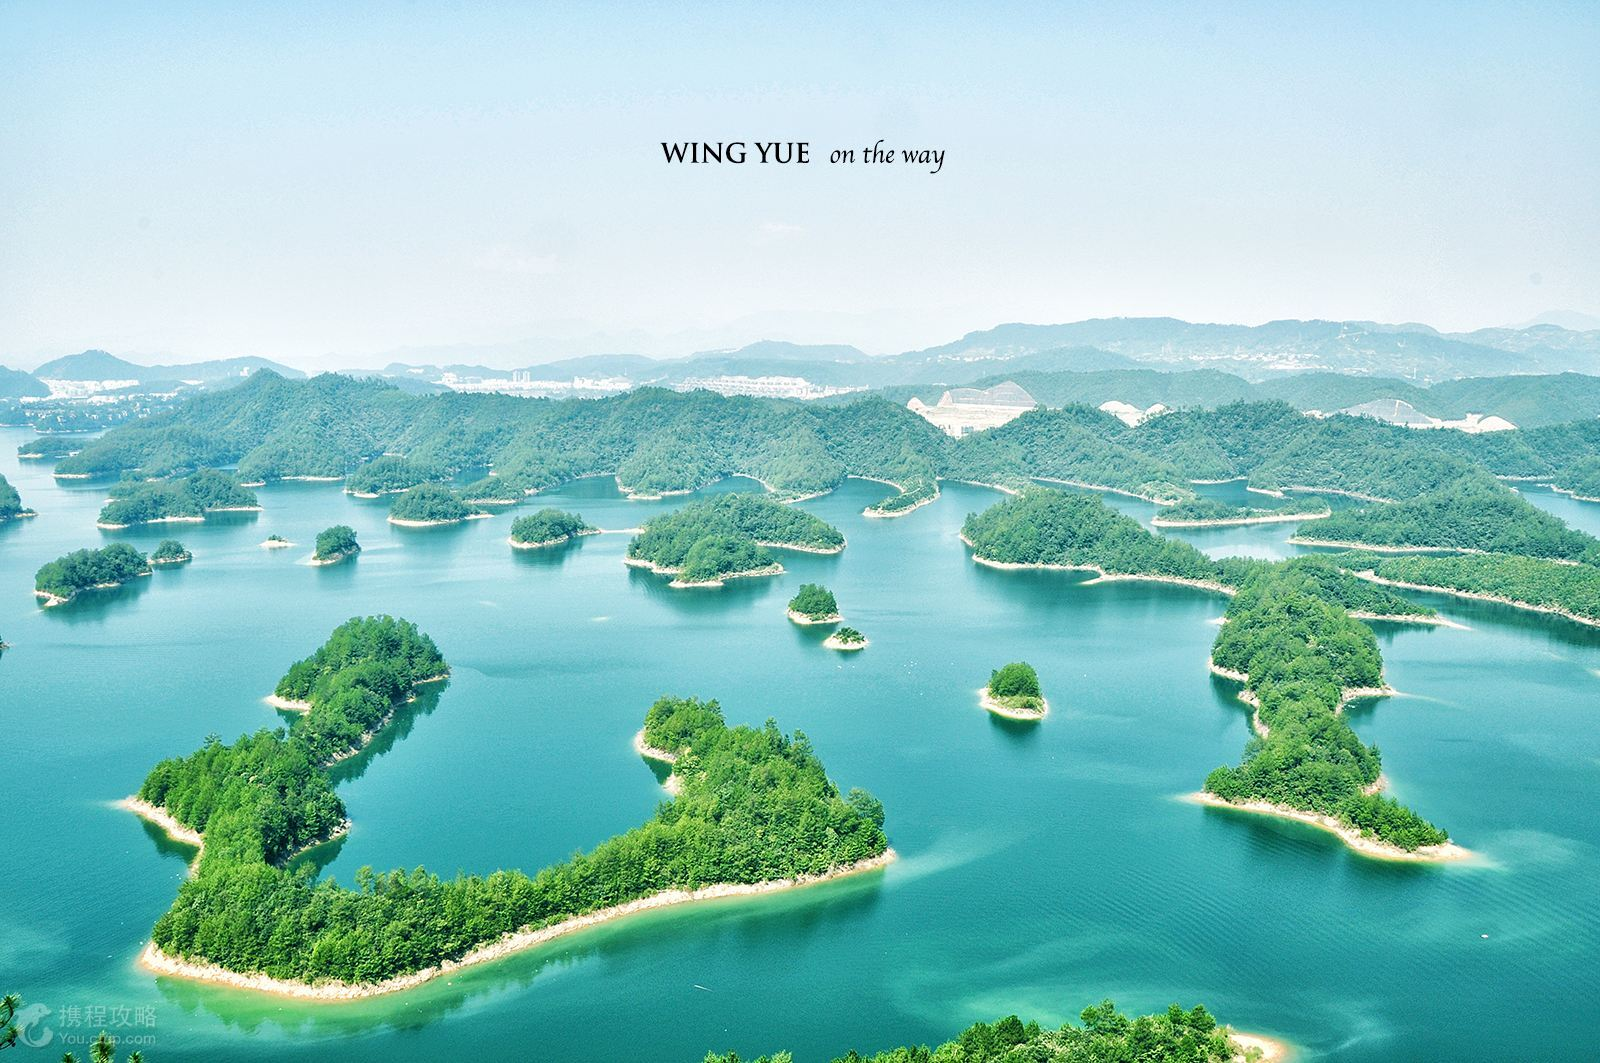 摄影之旅·浙江千岛湖2日1晚跟团游·七彩花海-金峰峡谷激情皮筏漂流